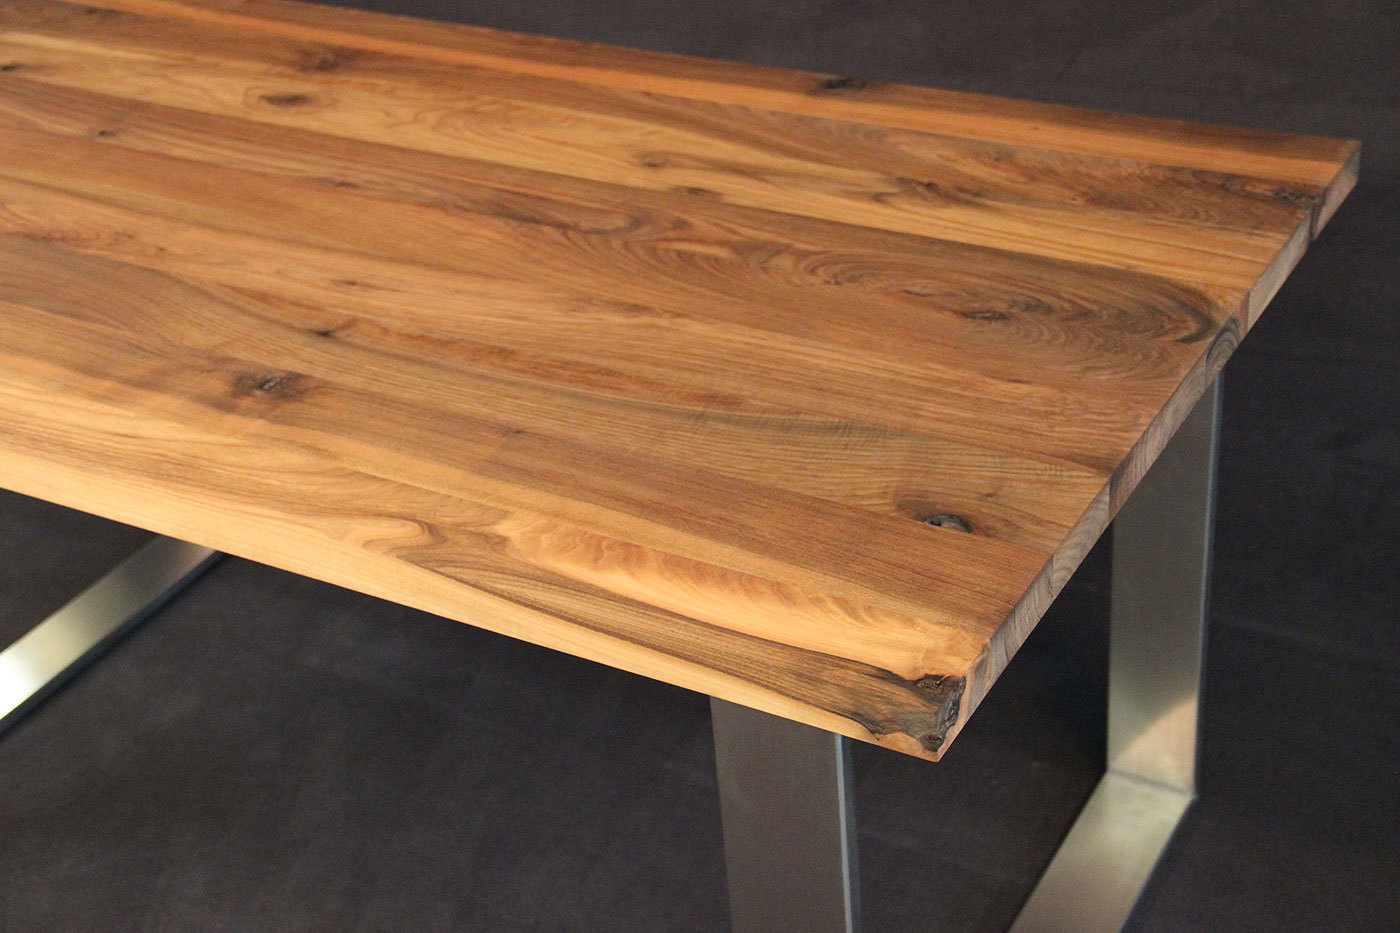 Tischplatte massivholz nussbaum  Massivholz Kaukasischer Nussbaum Rustikal ohne Splint DL 30/1800/1000